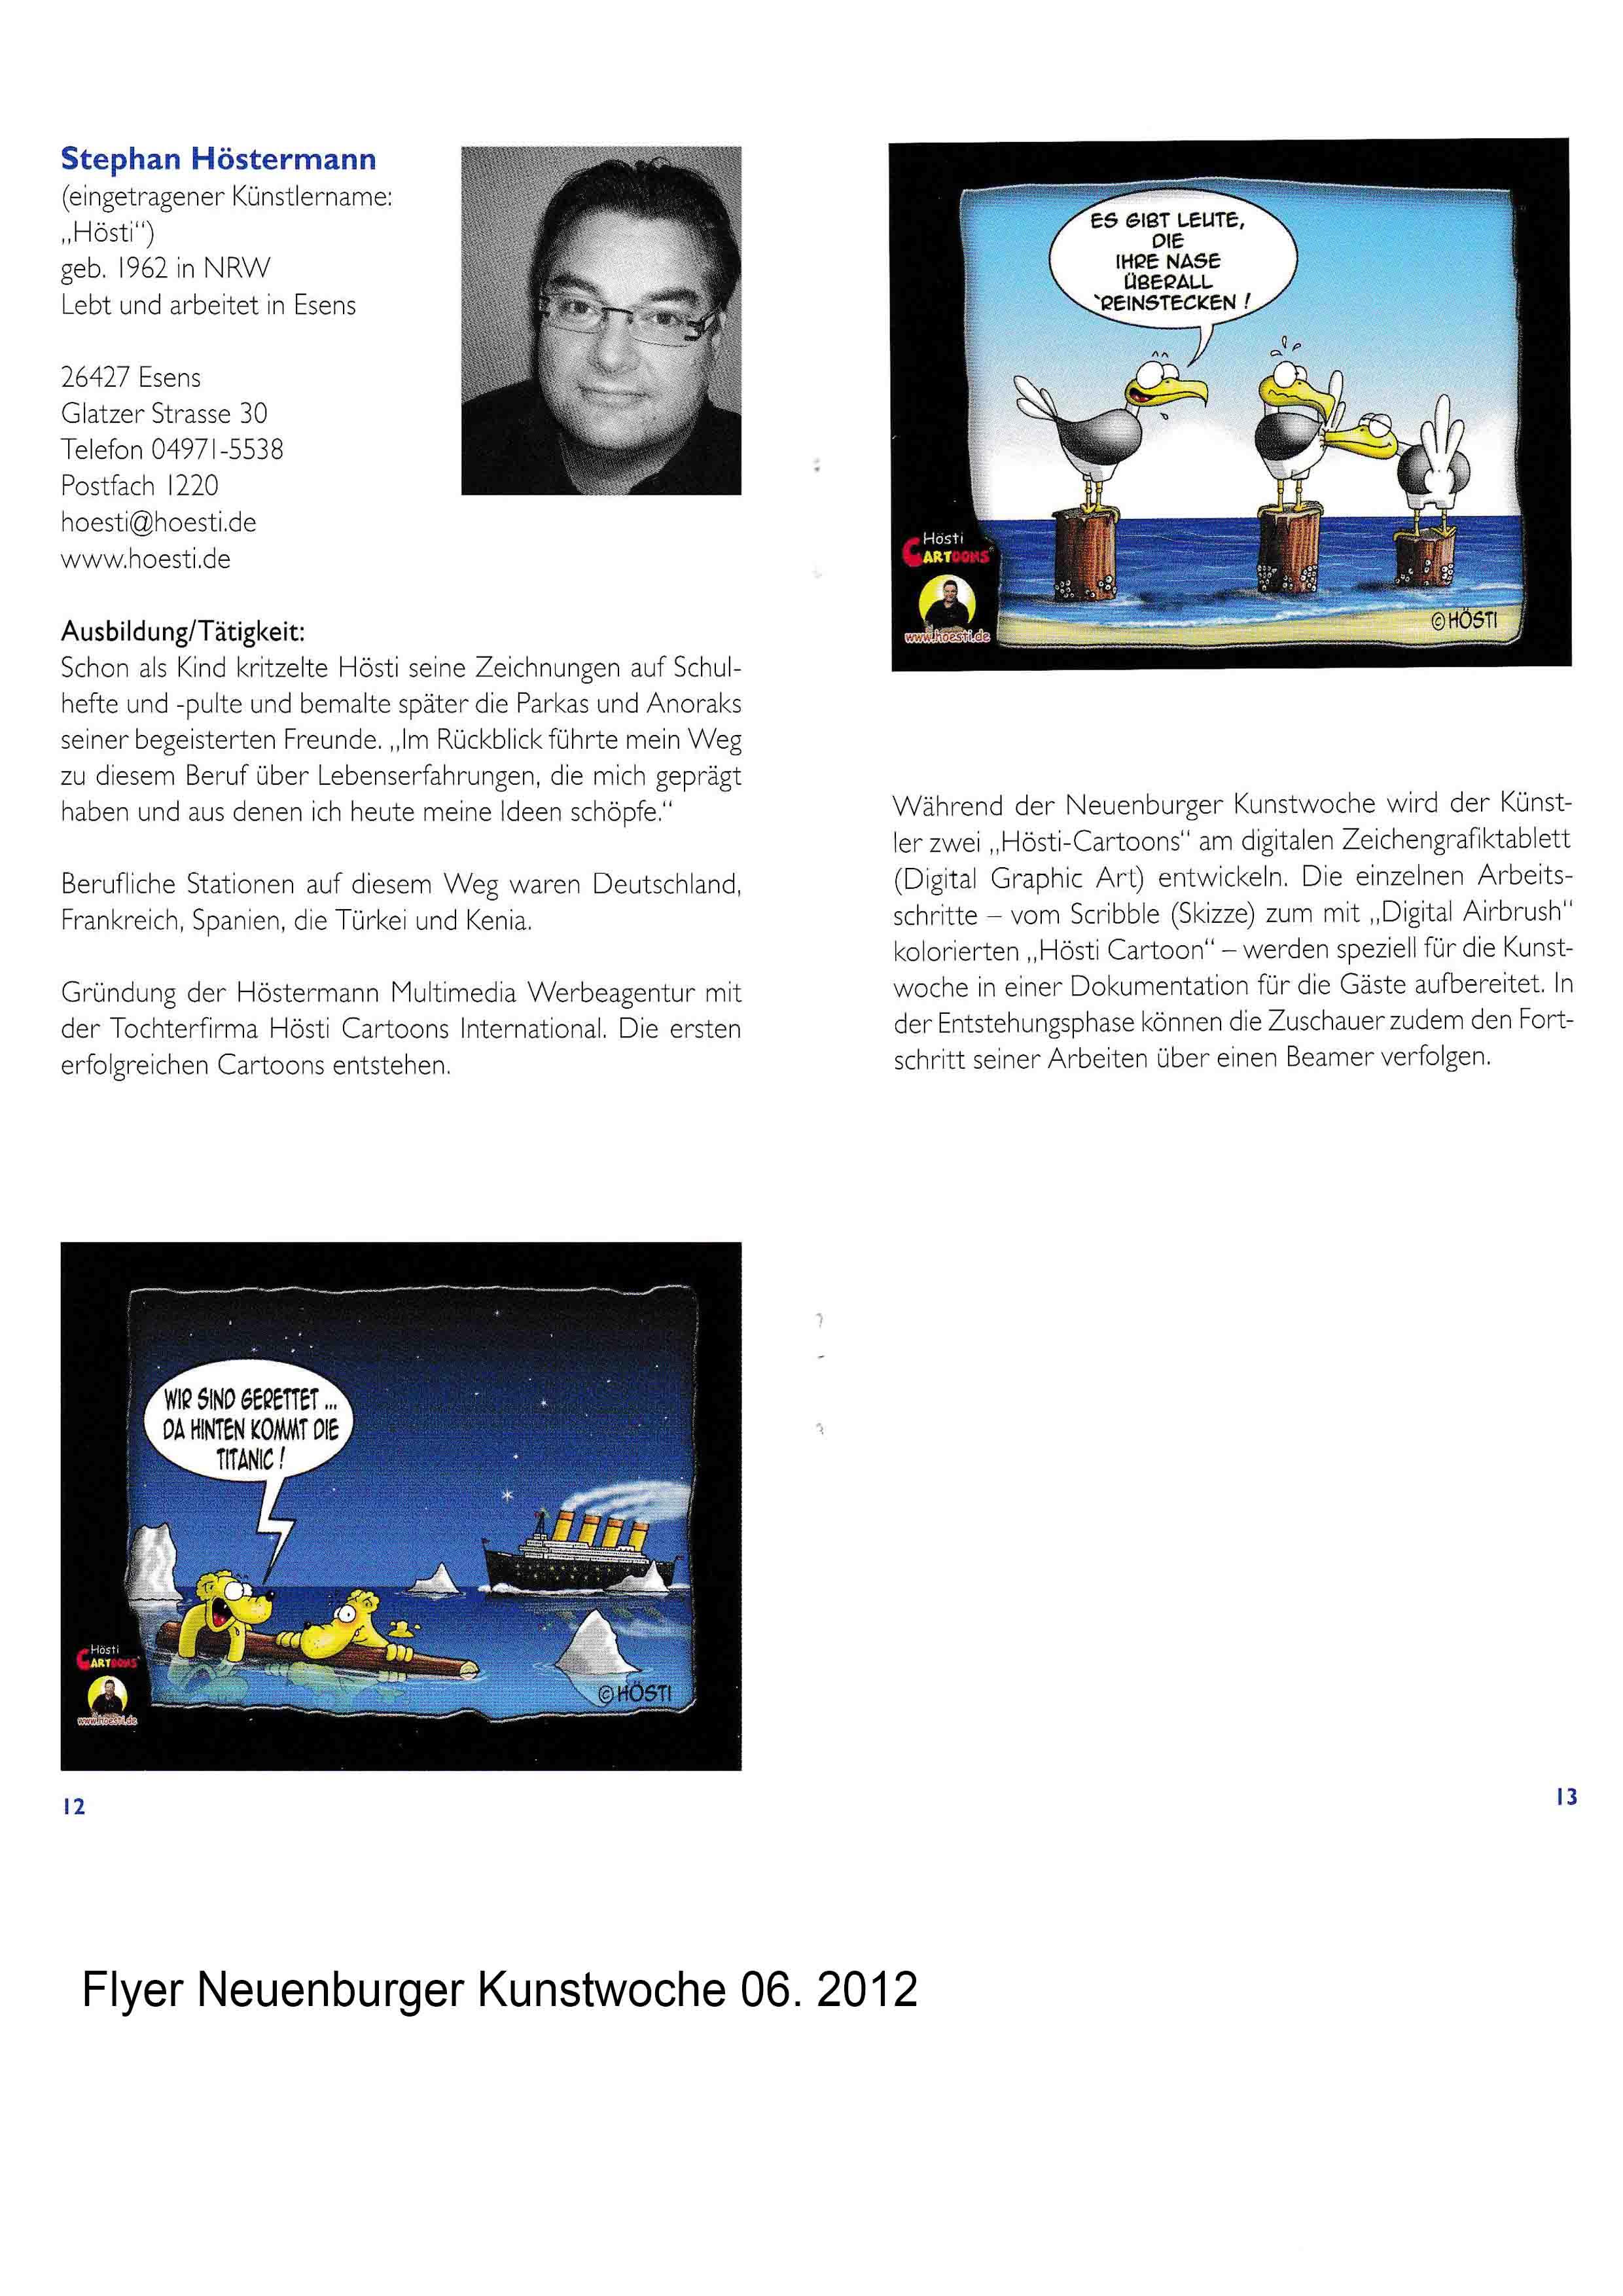 Flyer Neuenburger Kunstwoche 06 2012